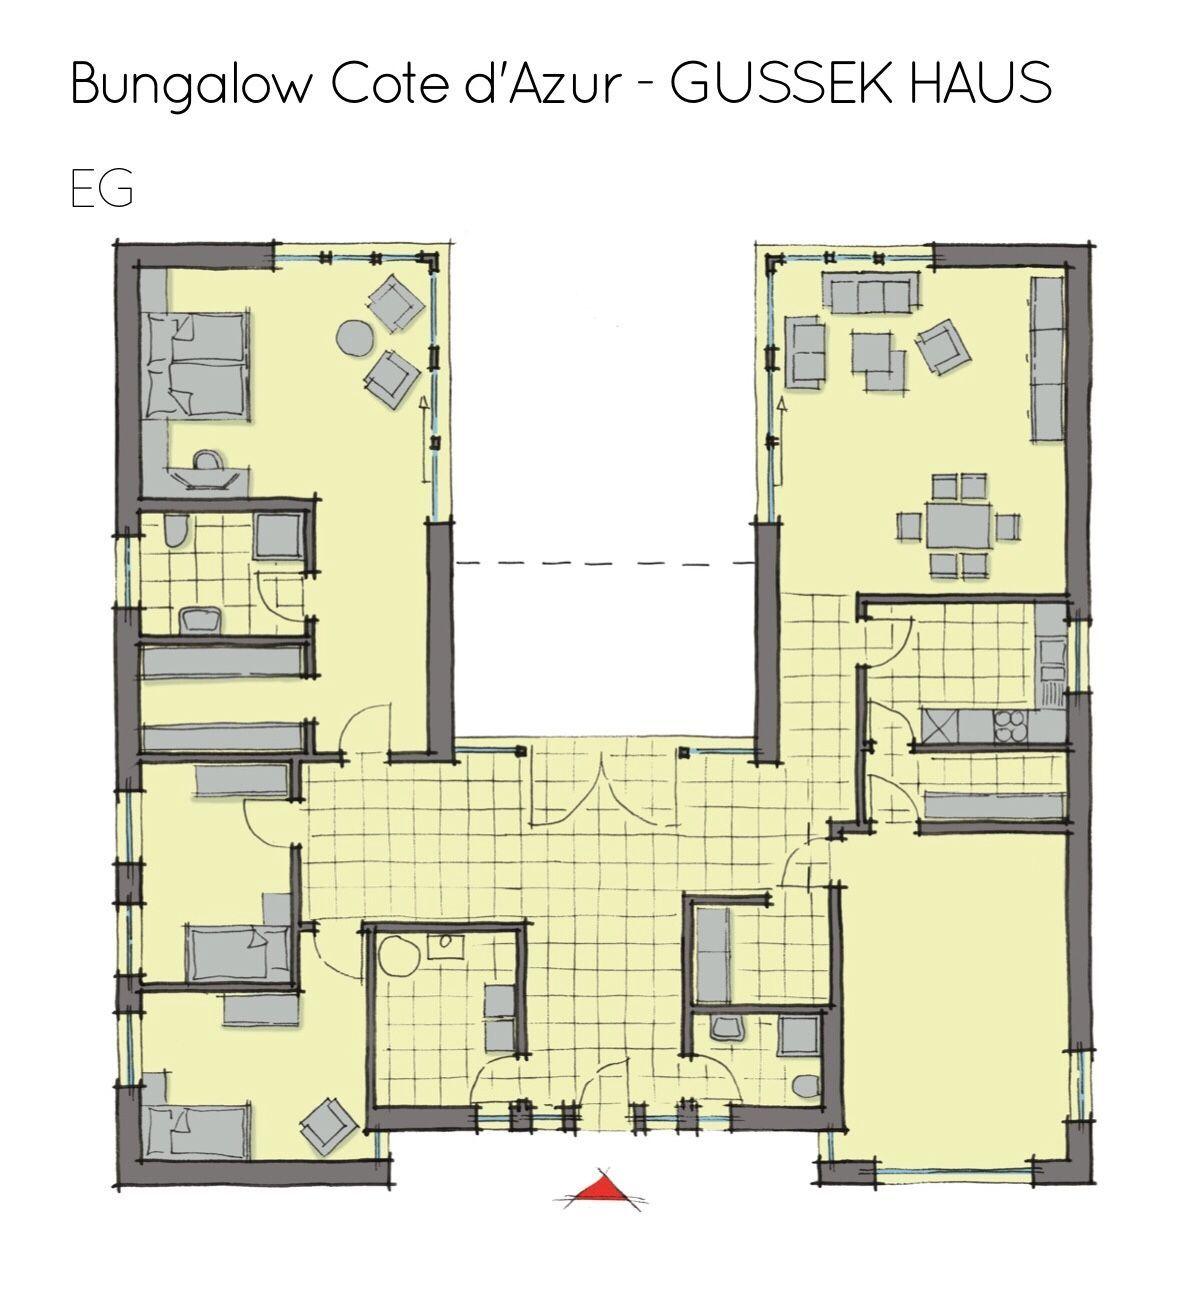 Grundriss Bungalow Barrierefrei Mit Innenhof Garage 4 Zimmer